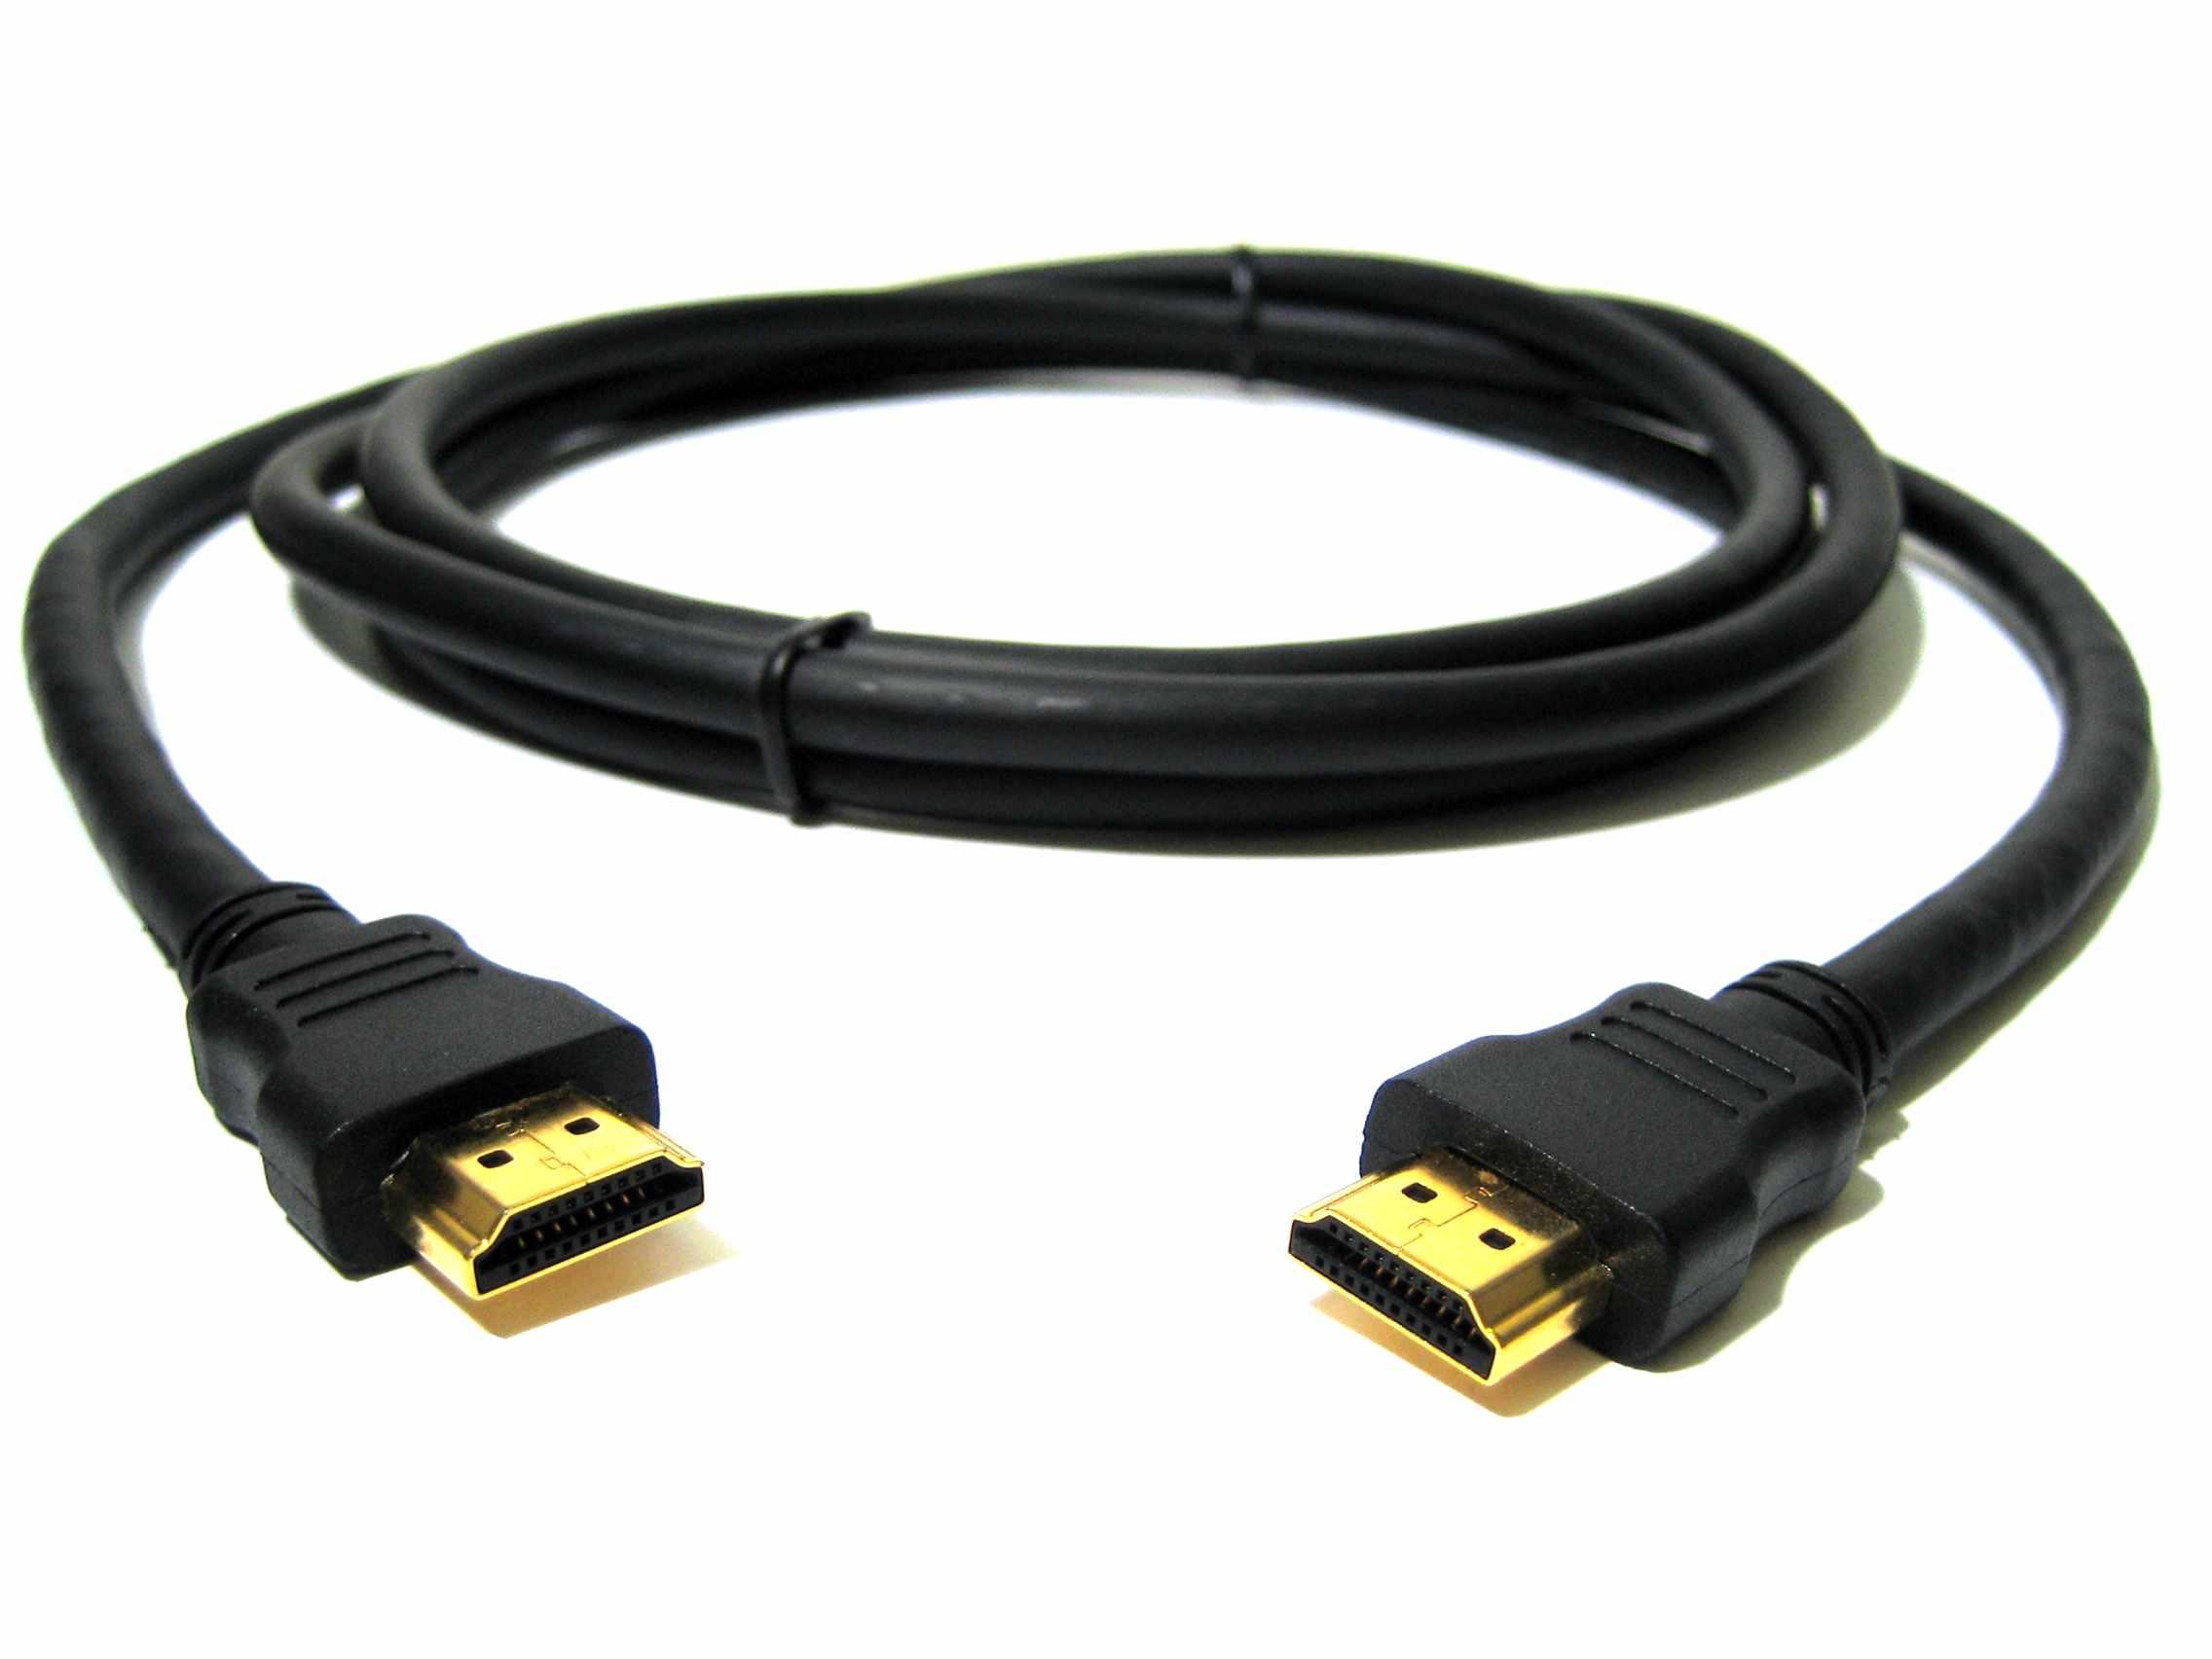 Кабель HDMI 1.4v 1,5 метра поддержка 4K,144Гц для ПК, монитора, ТВ